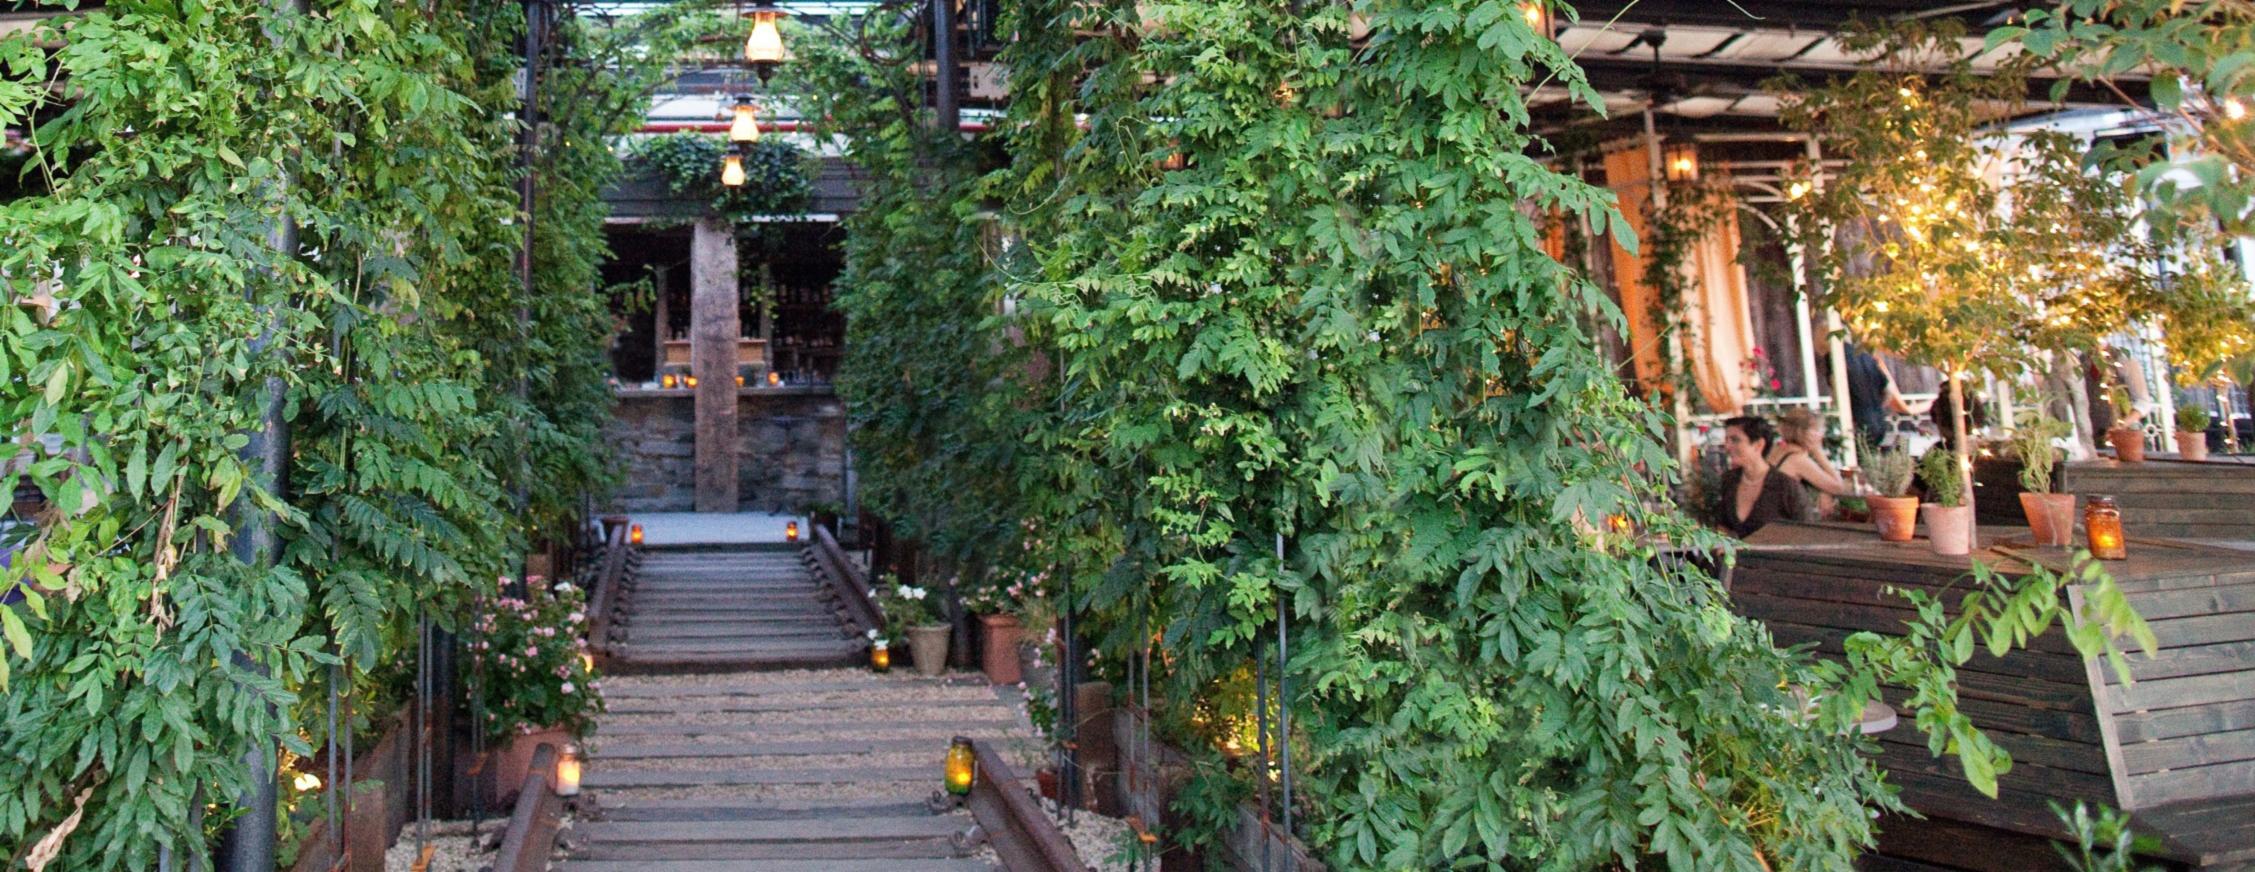 dicas de restaurantes em nova york Gallow Green